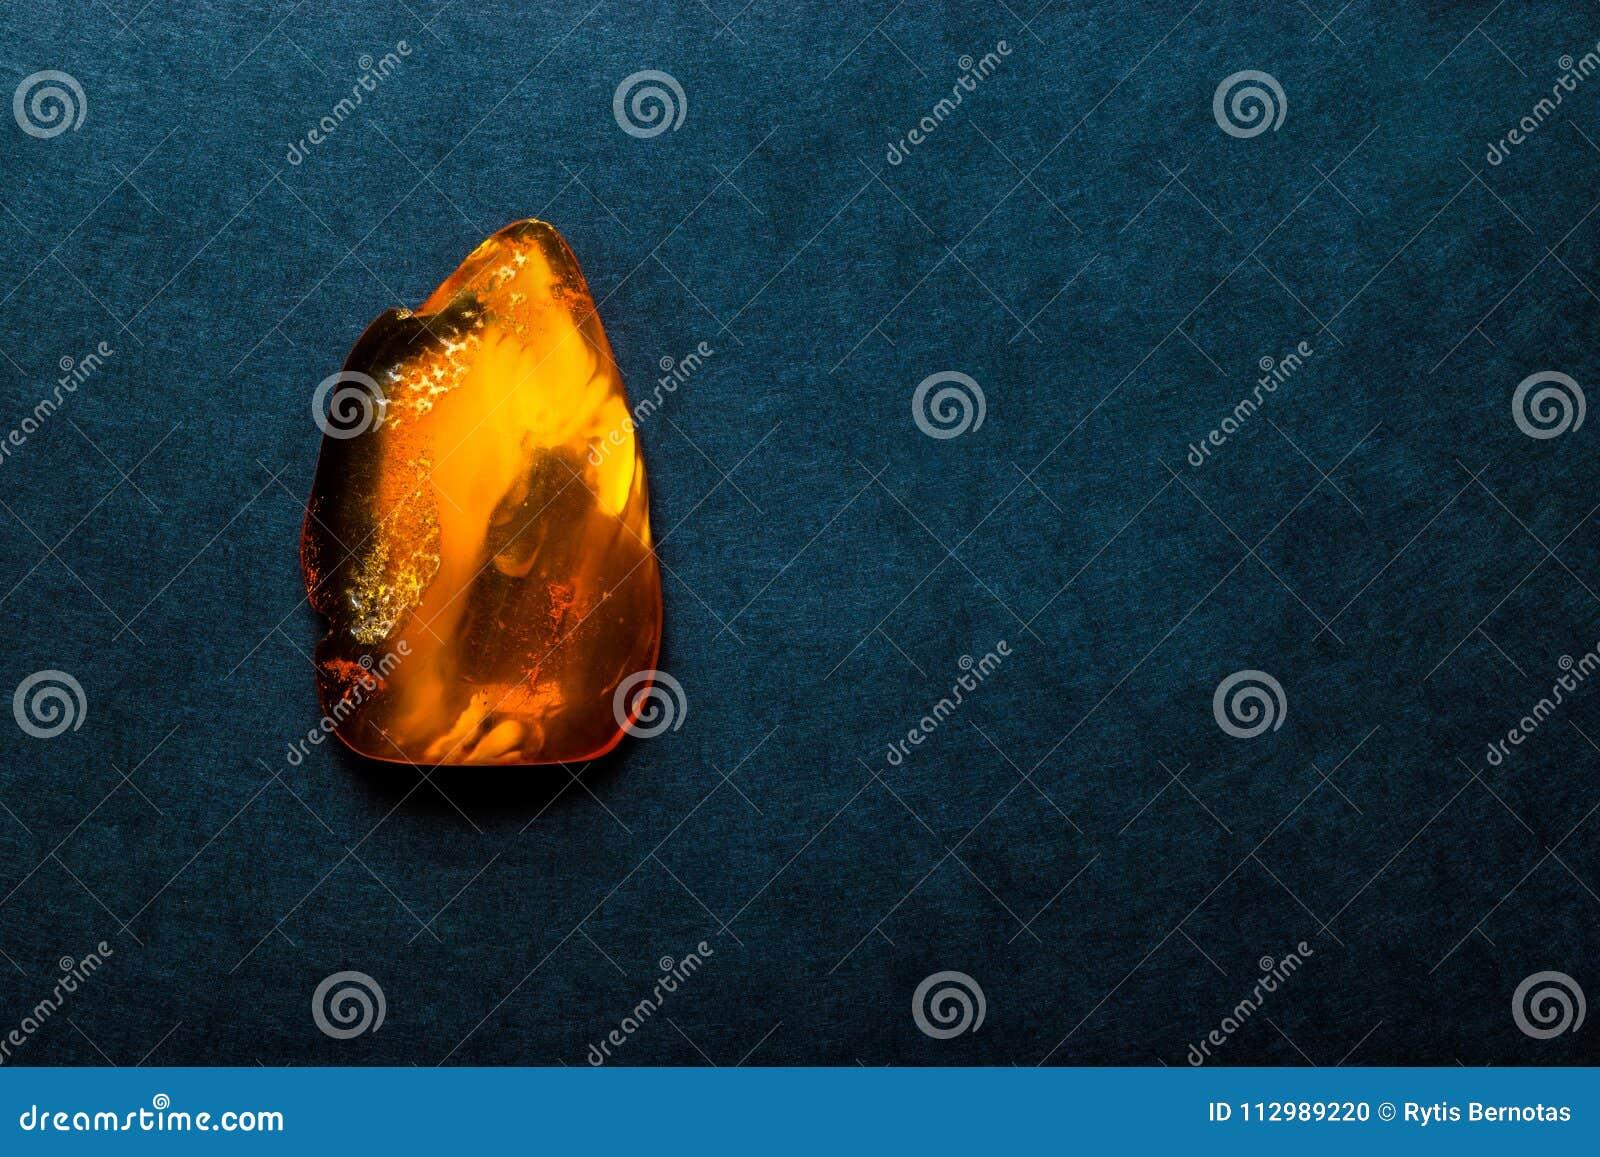 深蓝背景表面上的琥珀色的石头与自由空间